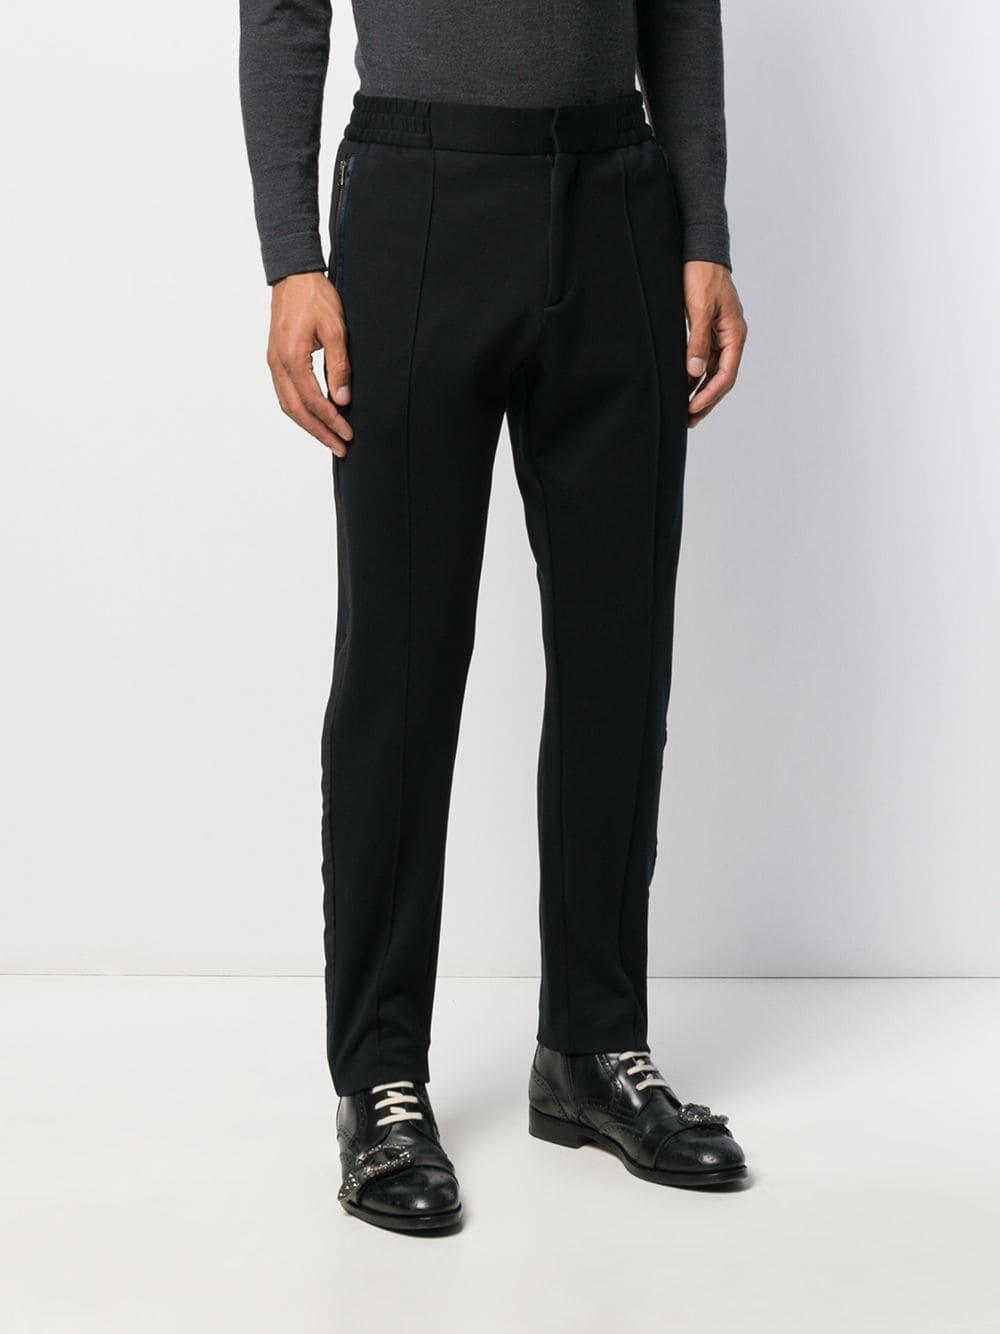 Etro Katoen Straight Broek in het Zwart voor heren